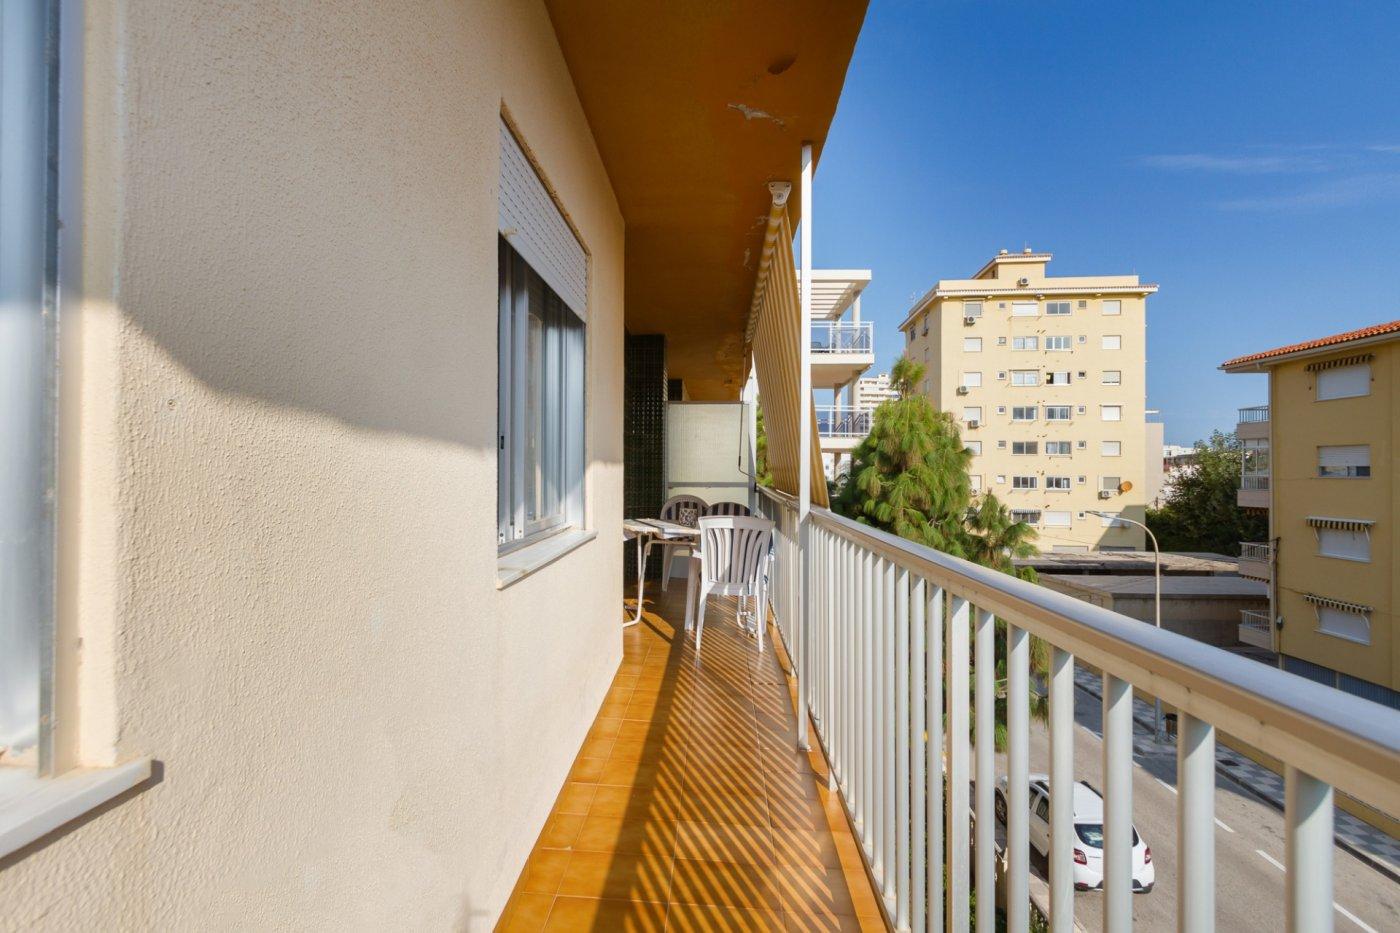 Fabuloso apartamento a 120 metros de la playa. - imagenInmueble14